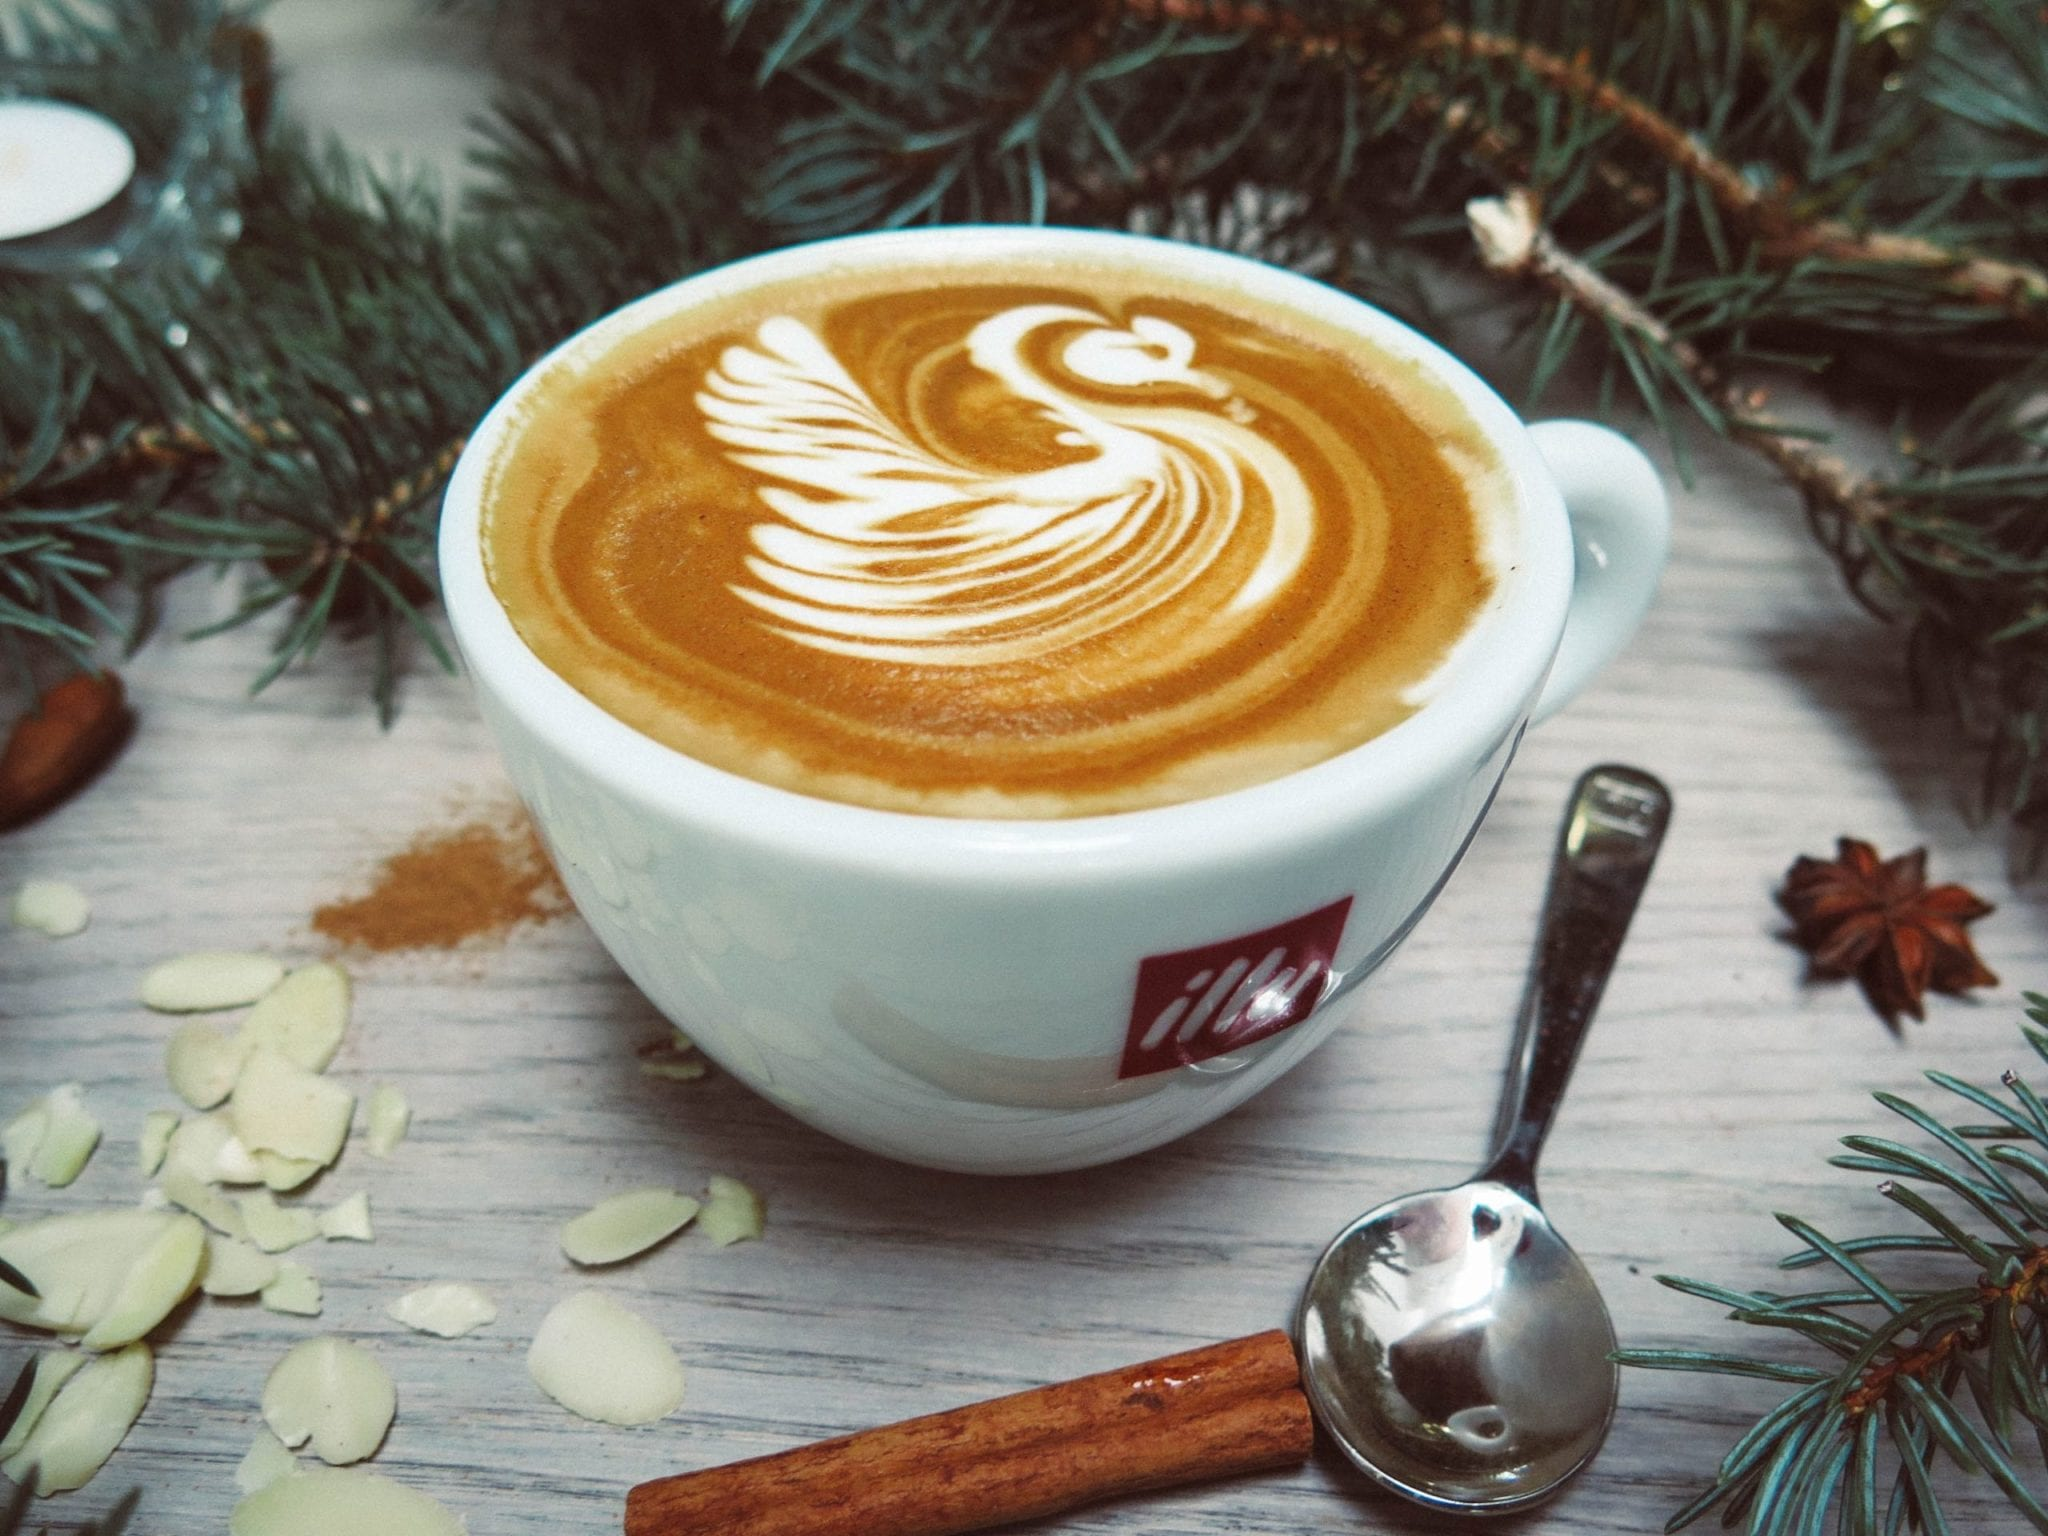 Kerst Zo krijg je jouw werk af én vier je vakantie-werk tijdens vakantie-by David Bares -white-cappuccino-with-swan-cream-design-189258